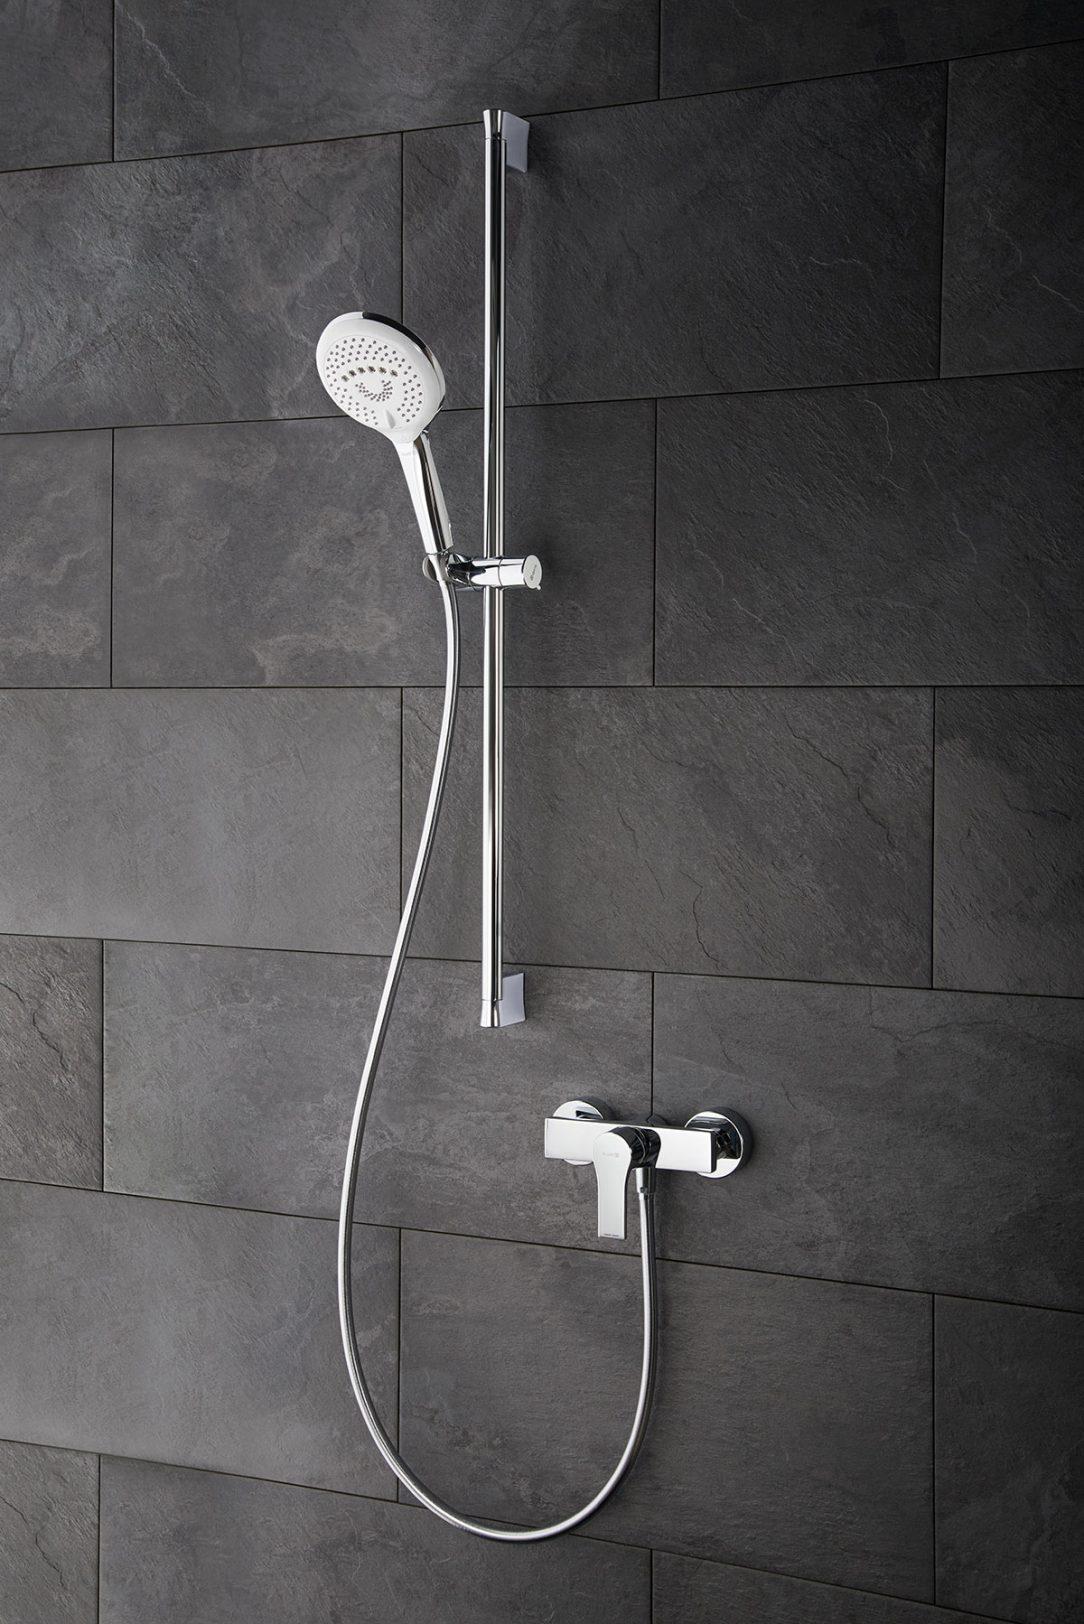 Vzadu umiestnená kartuša u Kludi Zenta SL jednopákových sprchových batérií necháva viac priestoru a pohybu v sprche.